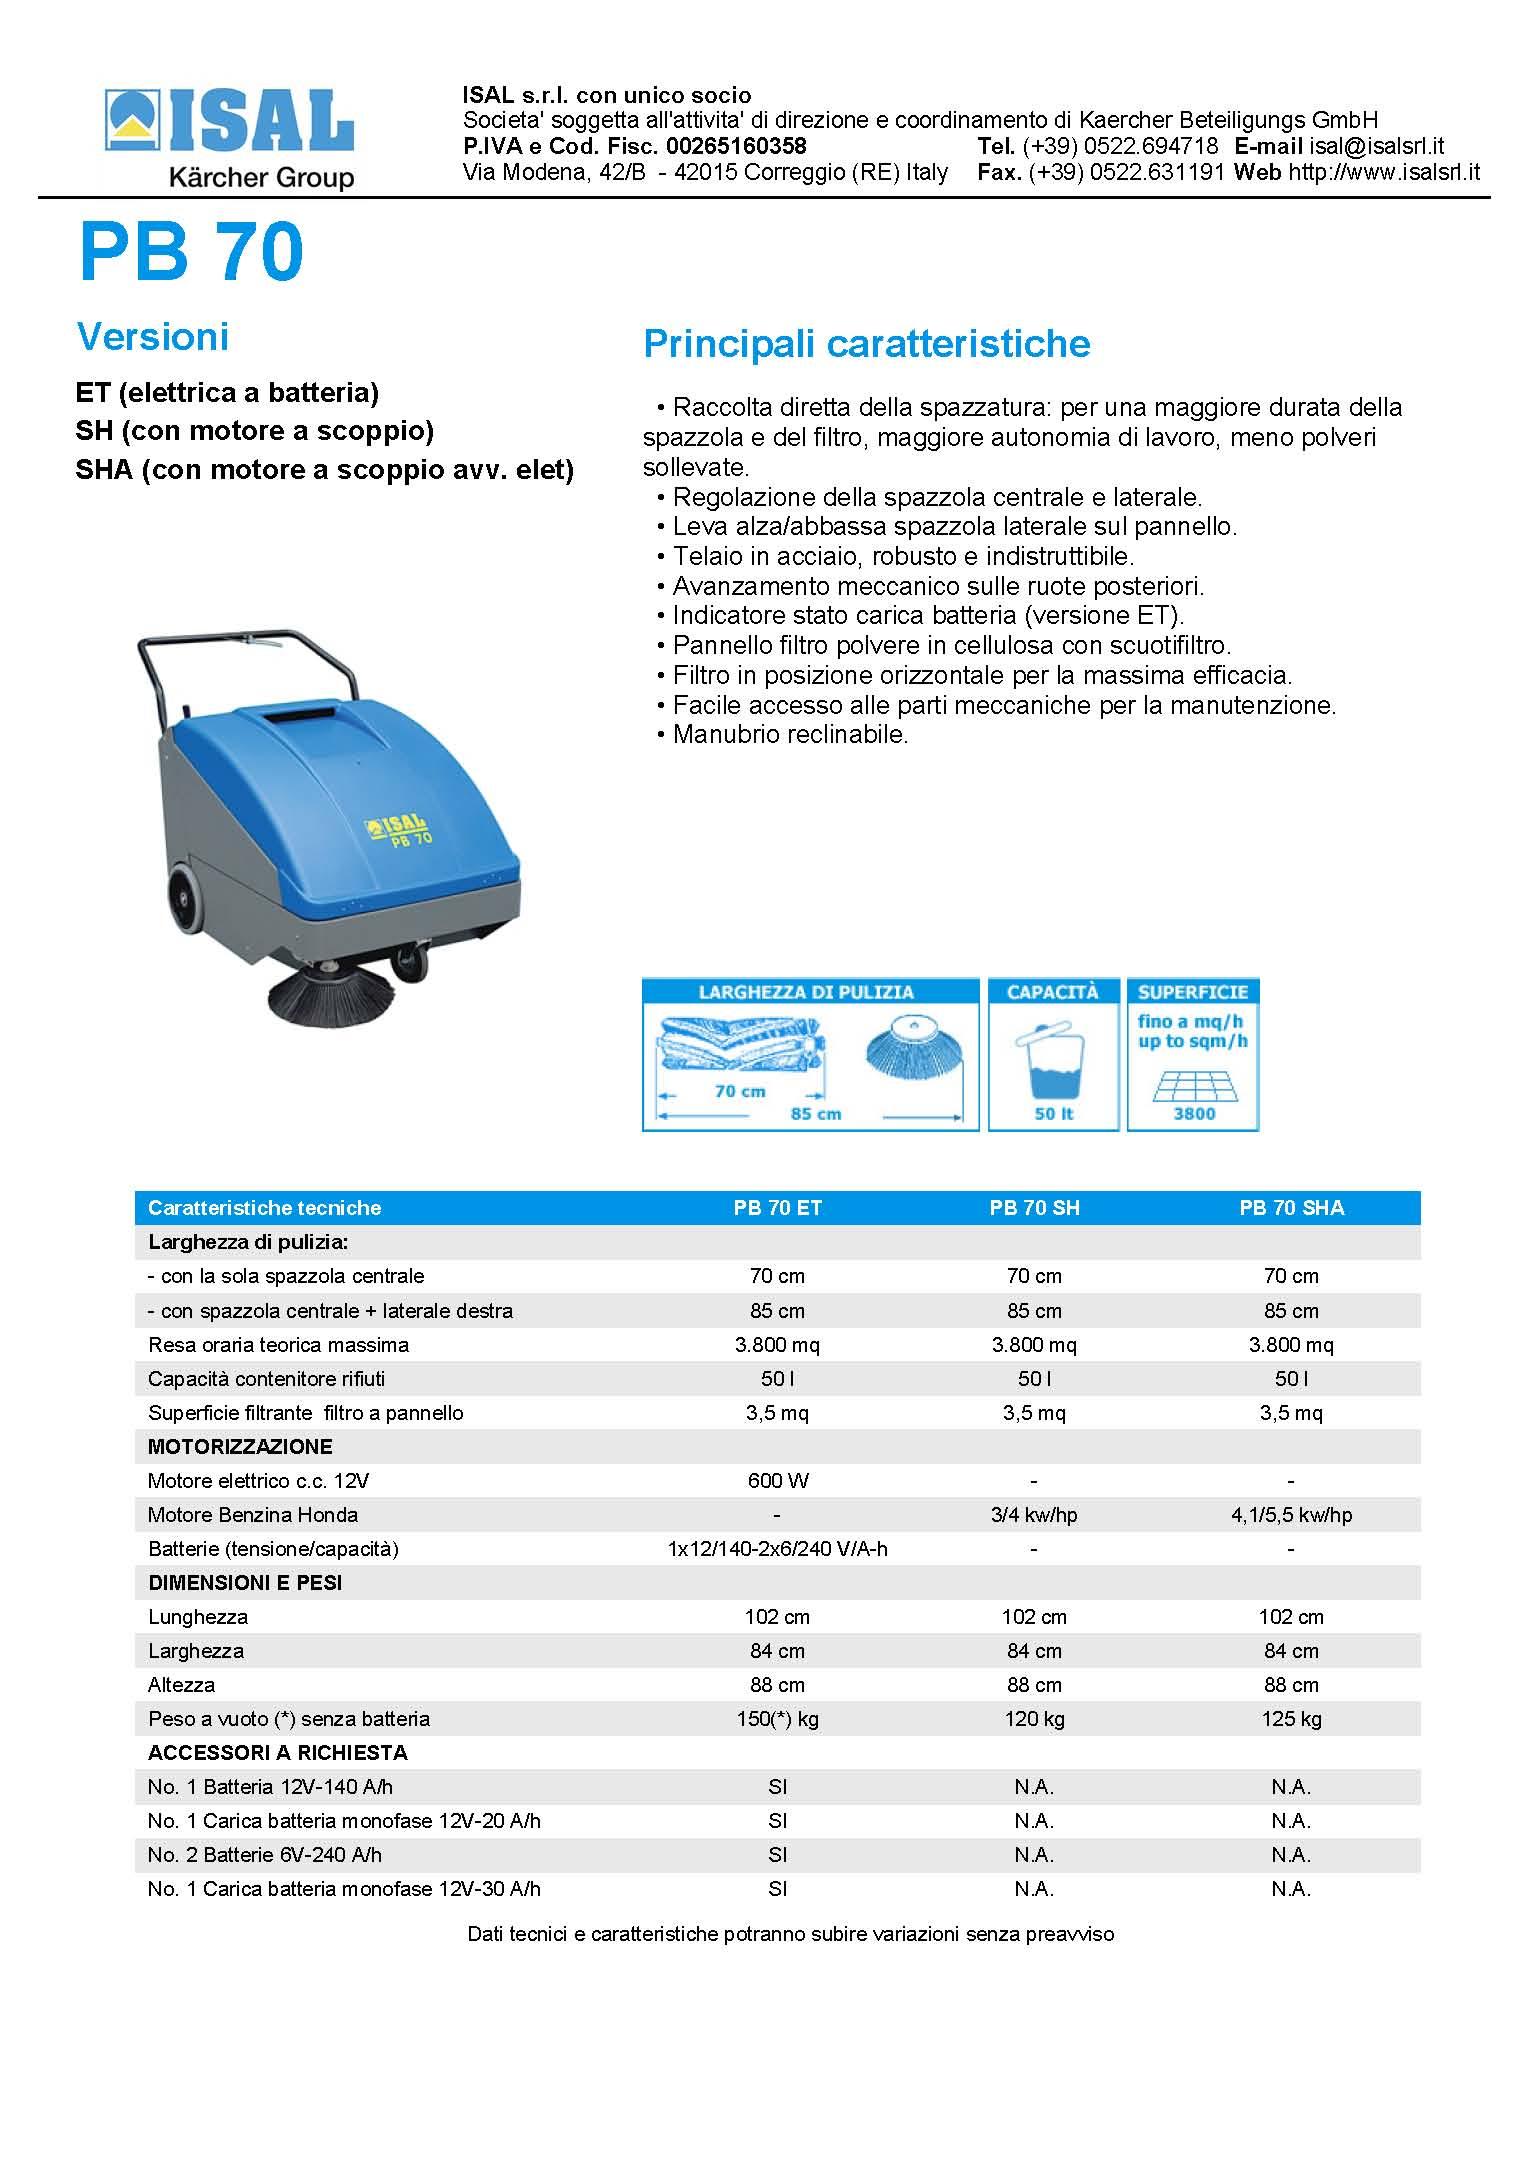 Características técnicas Isal PB70